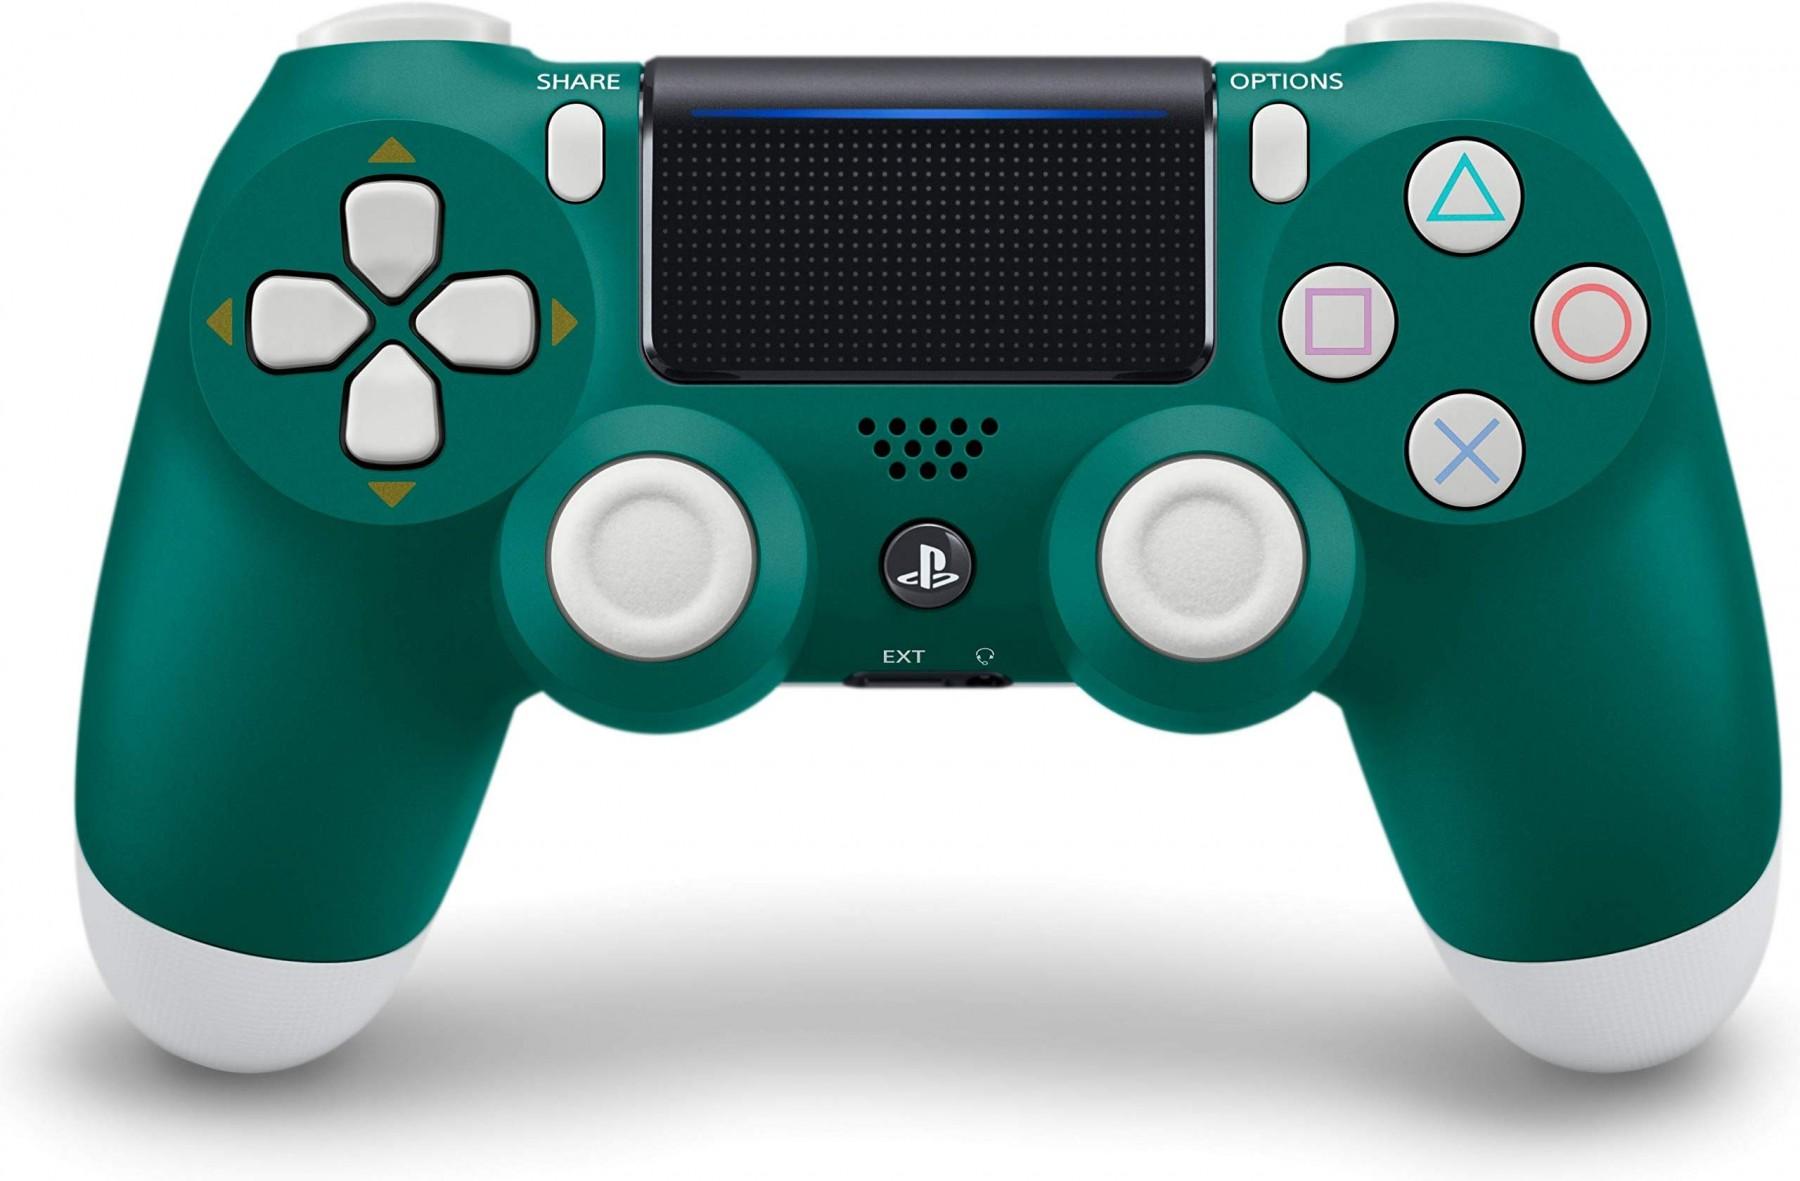 Бездротовий контролер/джойстик/геймпад DualShock 4 Wireless Controller Alpine Green V2